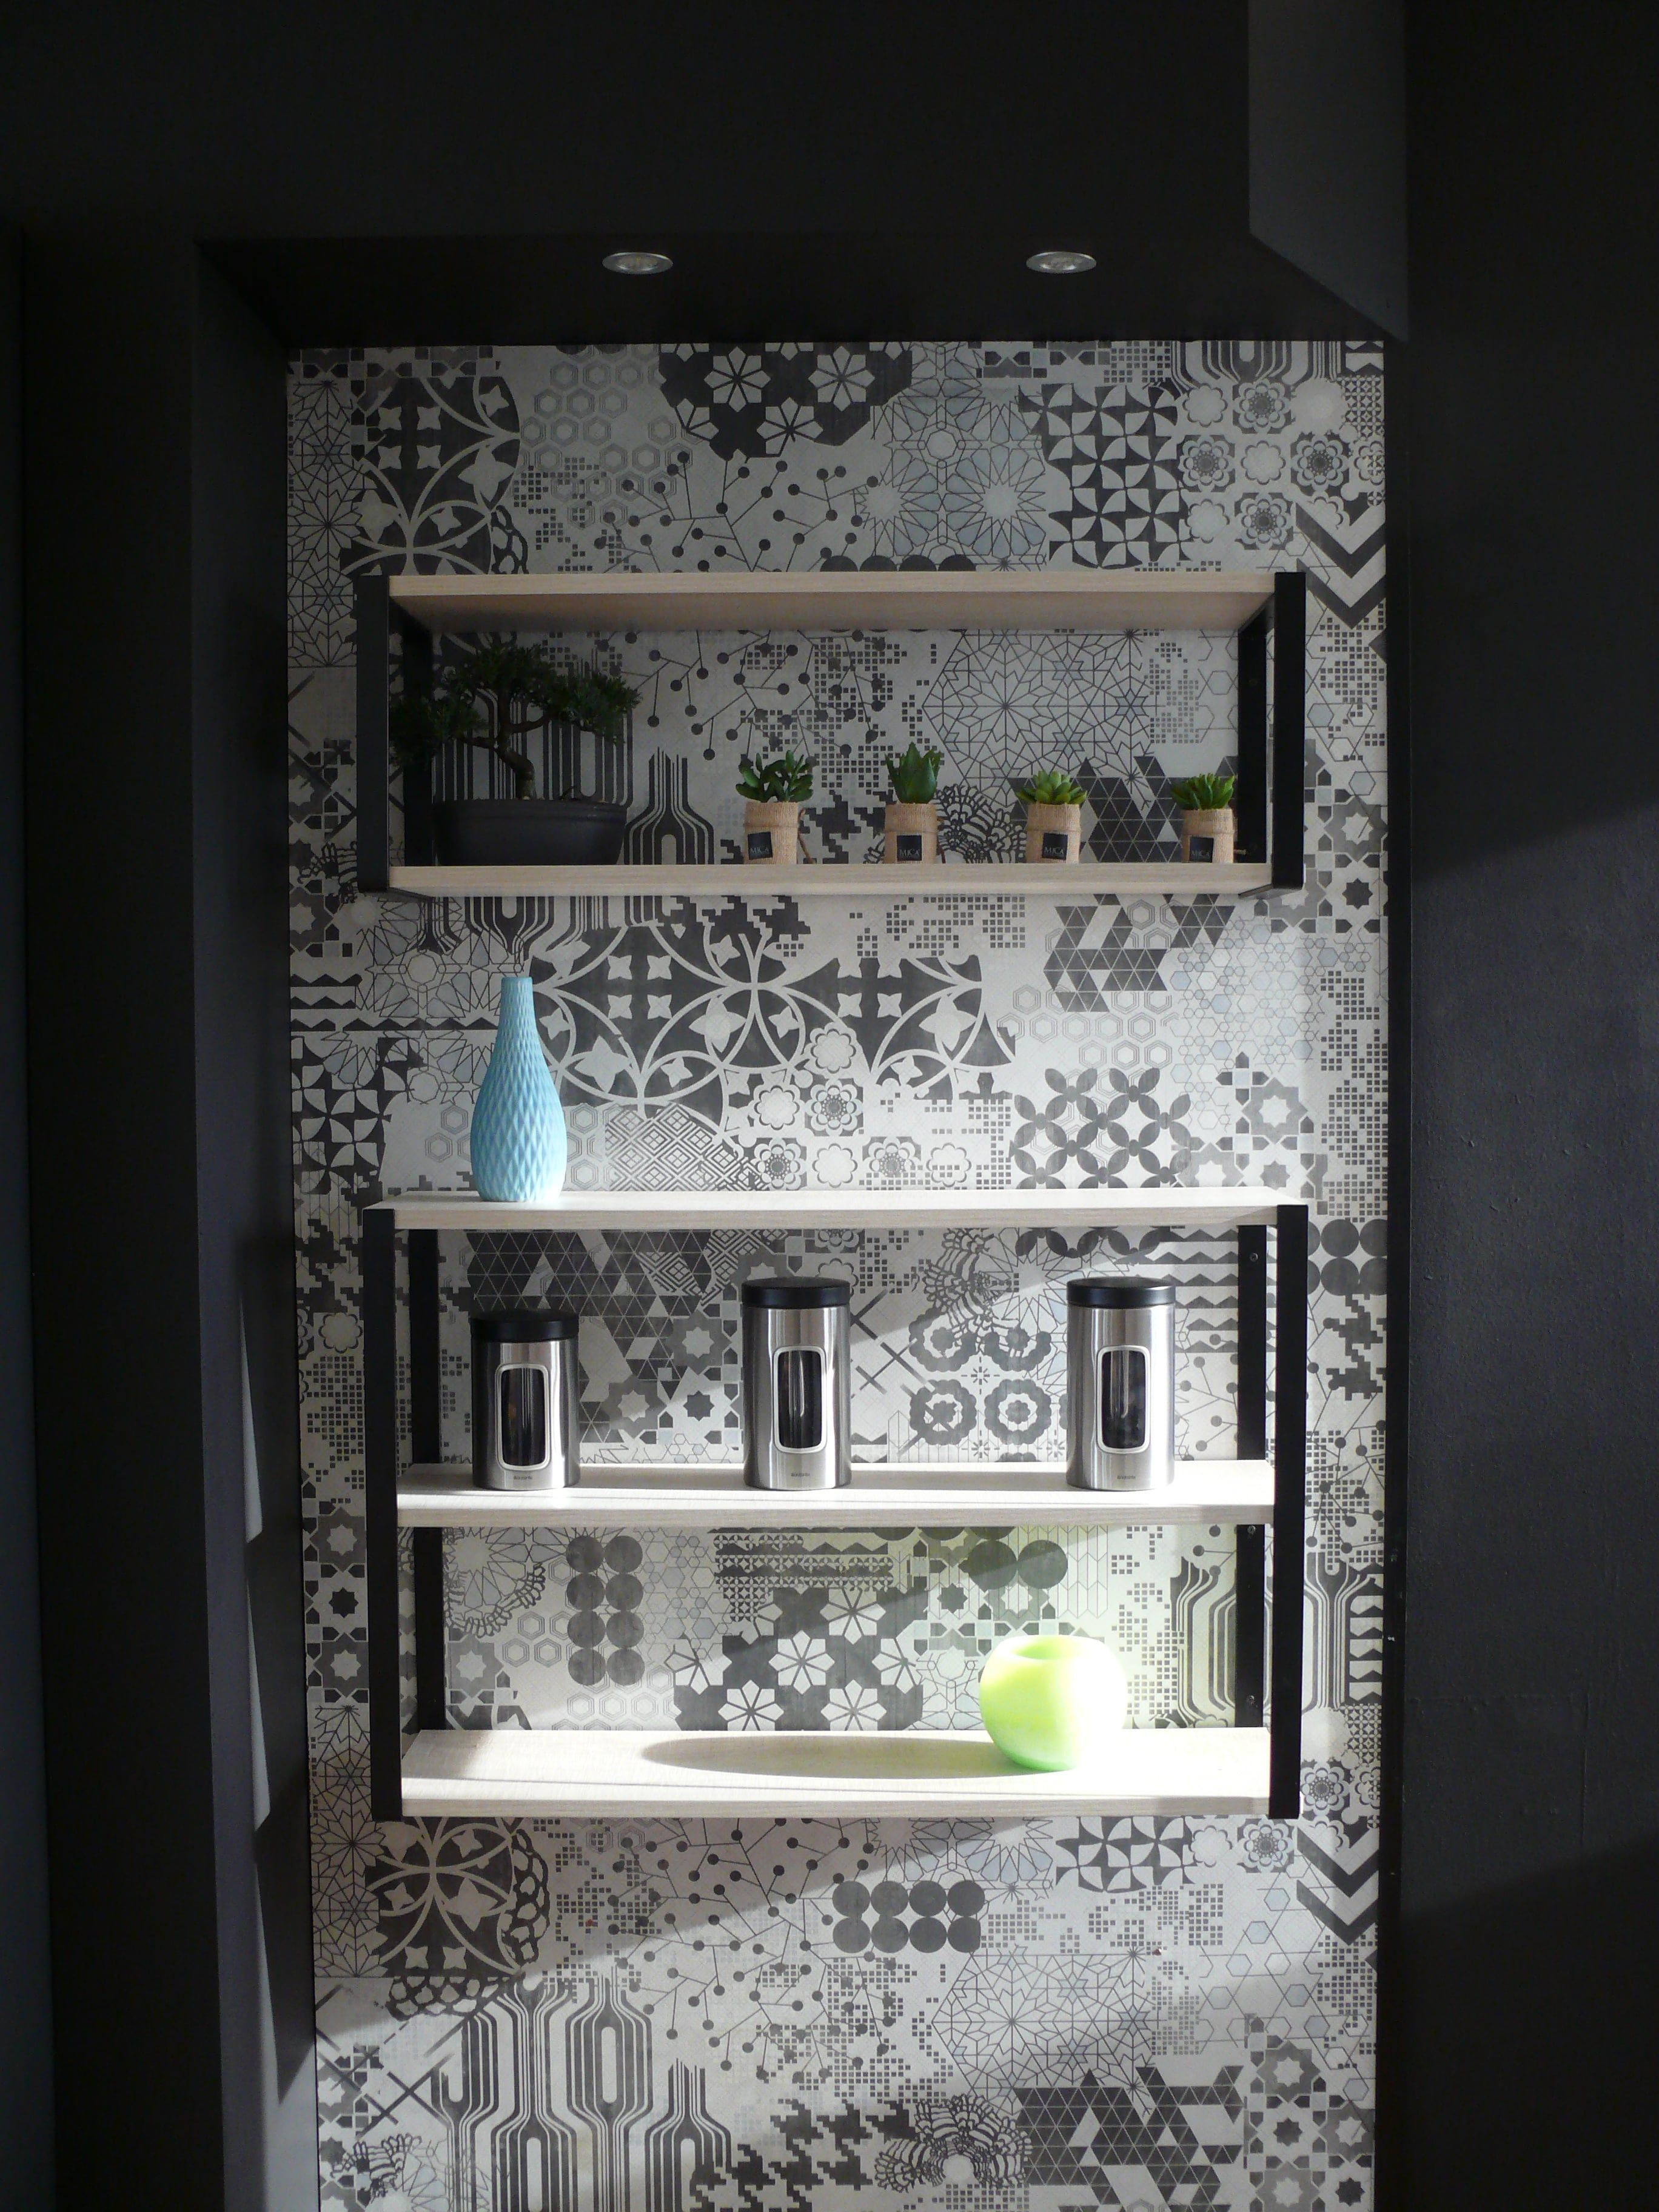 . Pratiques et esthétiques, les étagères murales métalliques offrent de la légèreté à votre intérieur. La décoration et le rangement auront leur place! Prêt à adopter le style industriel? 😉Queries signifiant correspondance plusieurs couleursDurante outre, il est nécessaire d'évaluer ces meubles ou autres posts not seulement en termes p taille, mais également durante termes d'harmonie... #cloison murale #esthétiques #étagères #légèreté #les #métalliques #murales #offrent #Pratiques